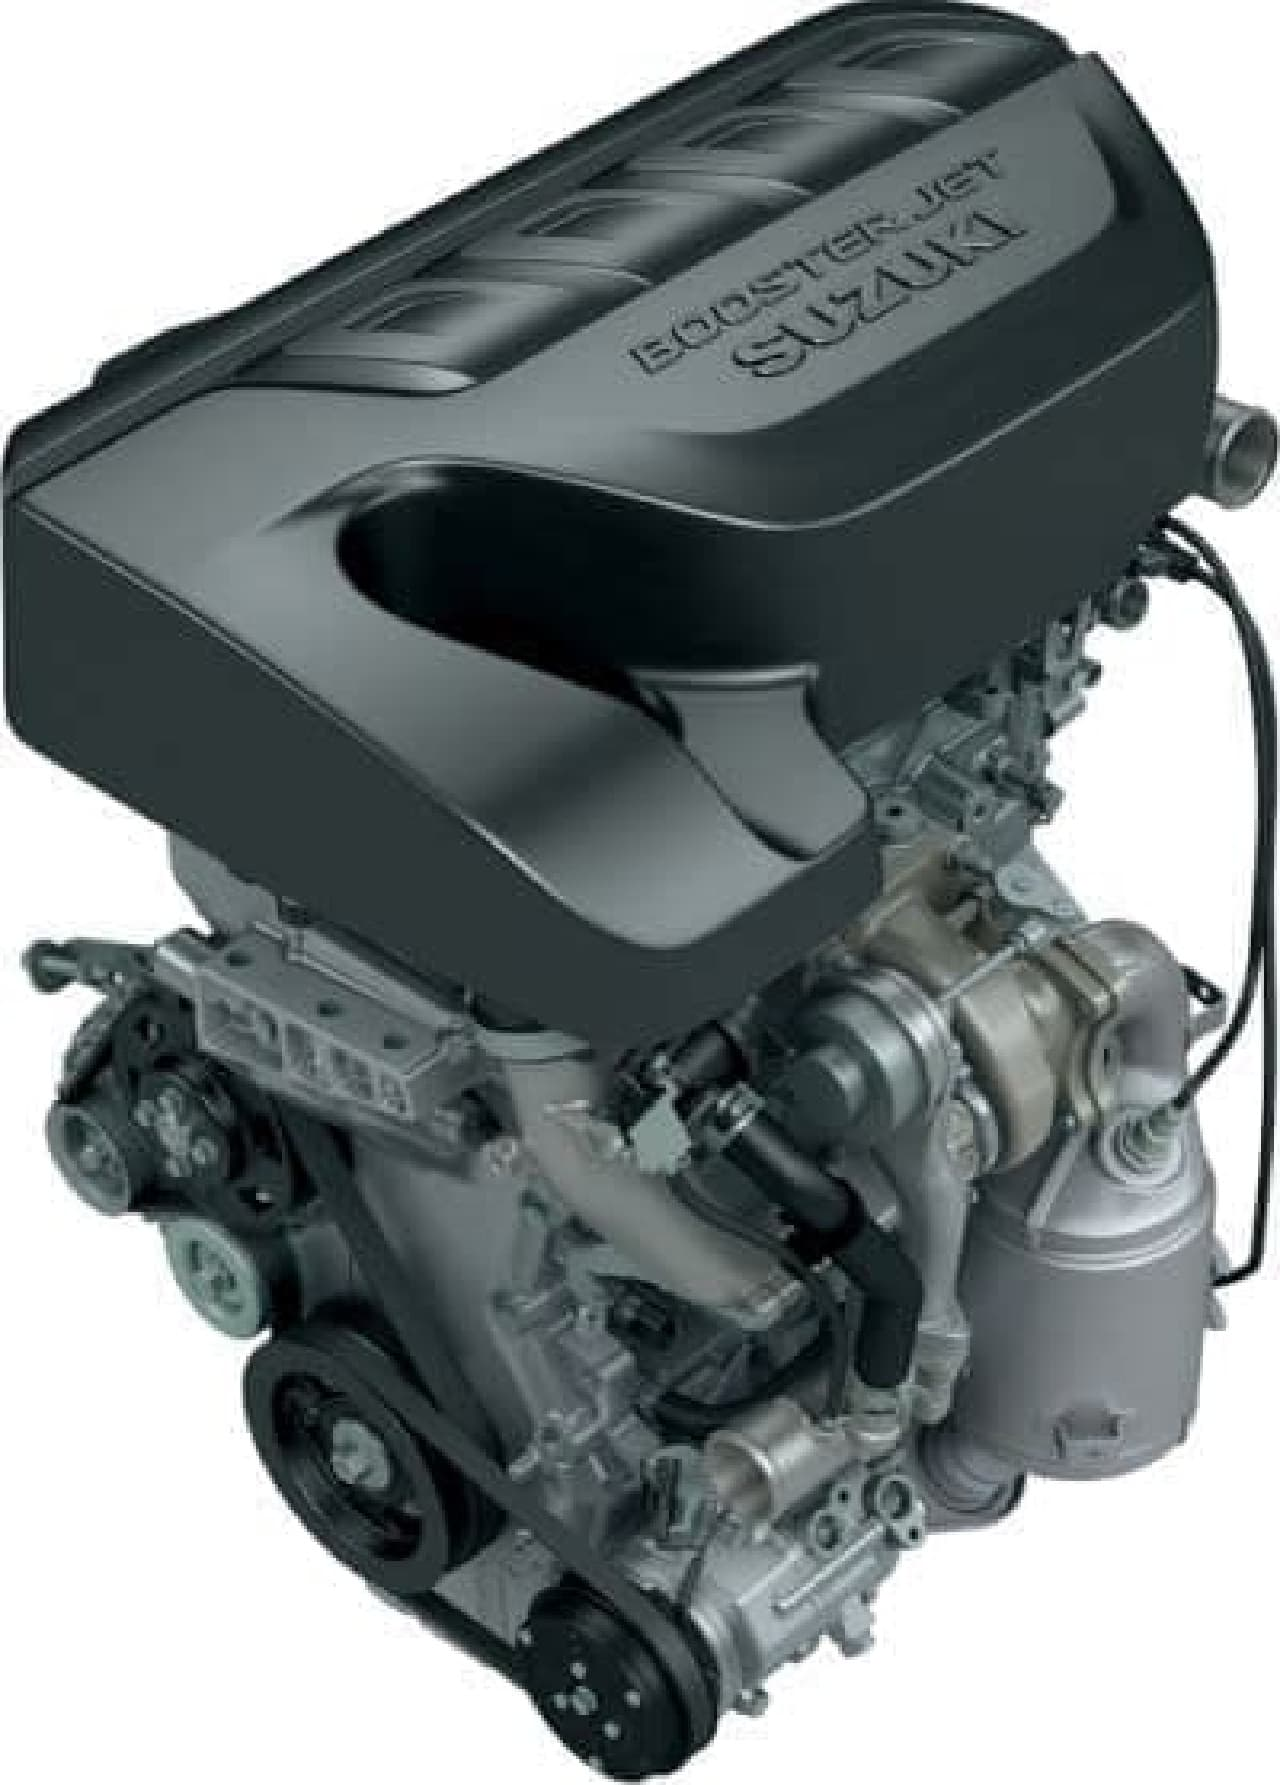 スズキ「エスクード 1.4ターボ」発売…1.4L直噴ターボエンジンを搭載